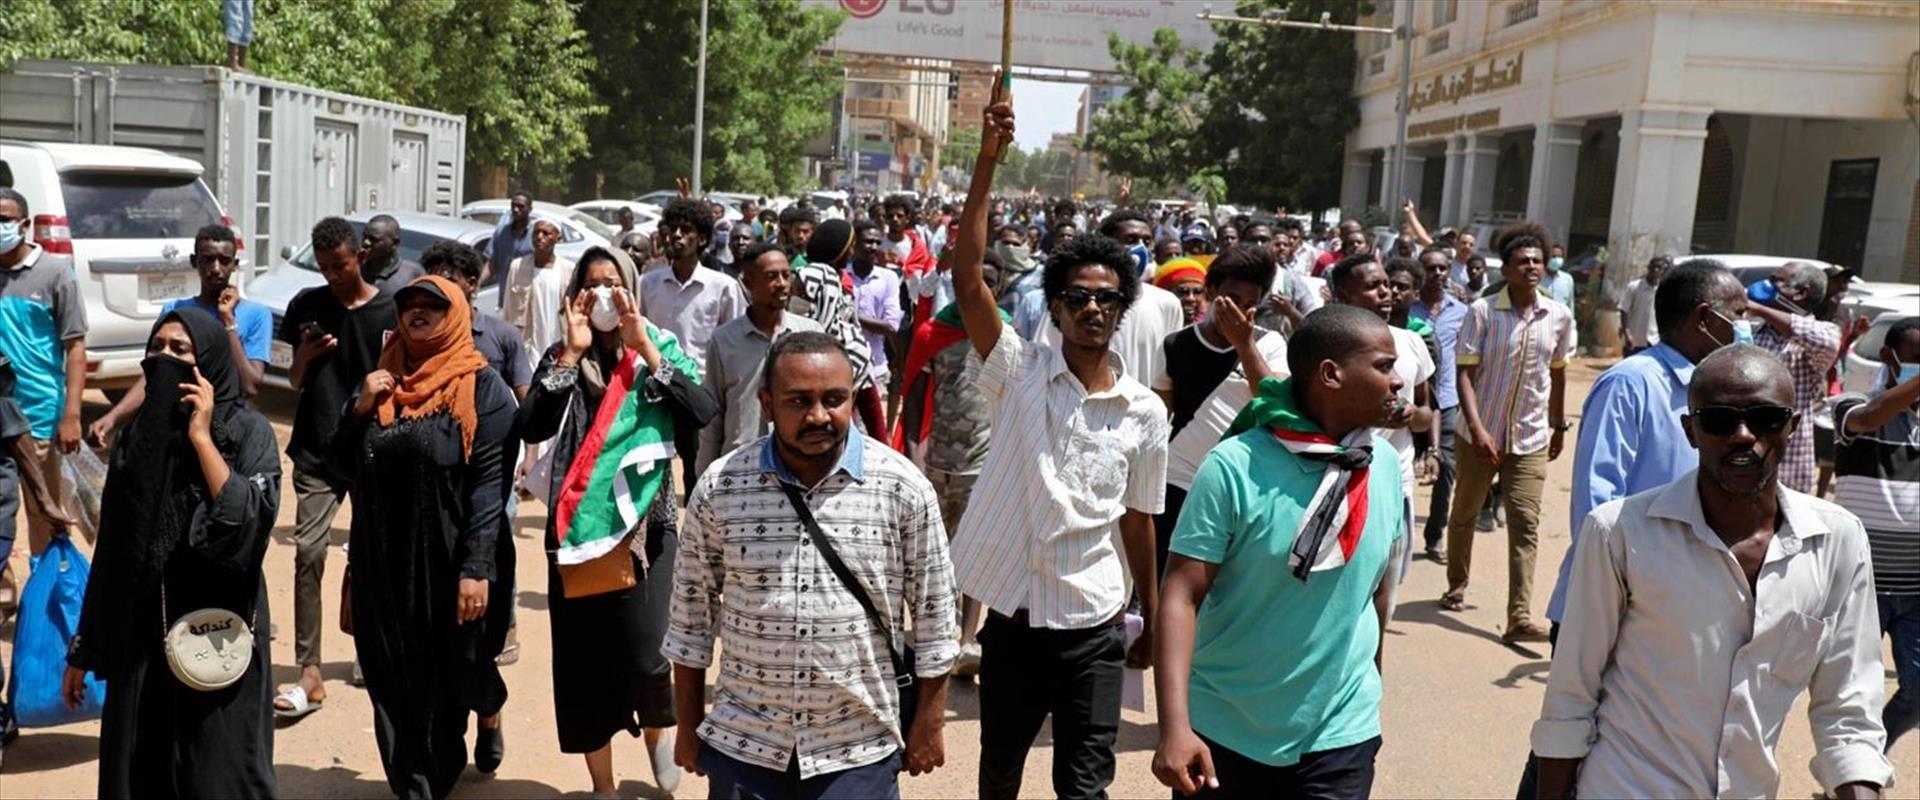 מפגינים בבירת סודאן חרטום, החודש